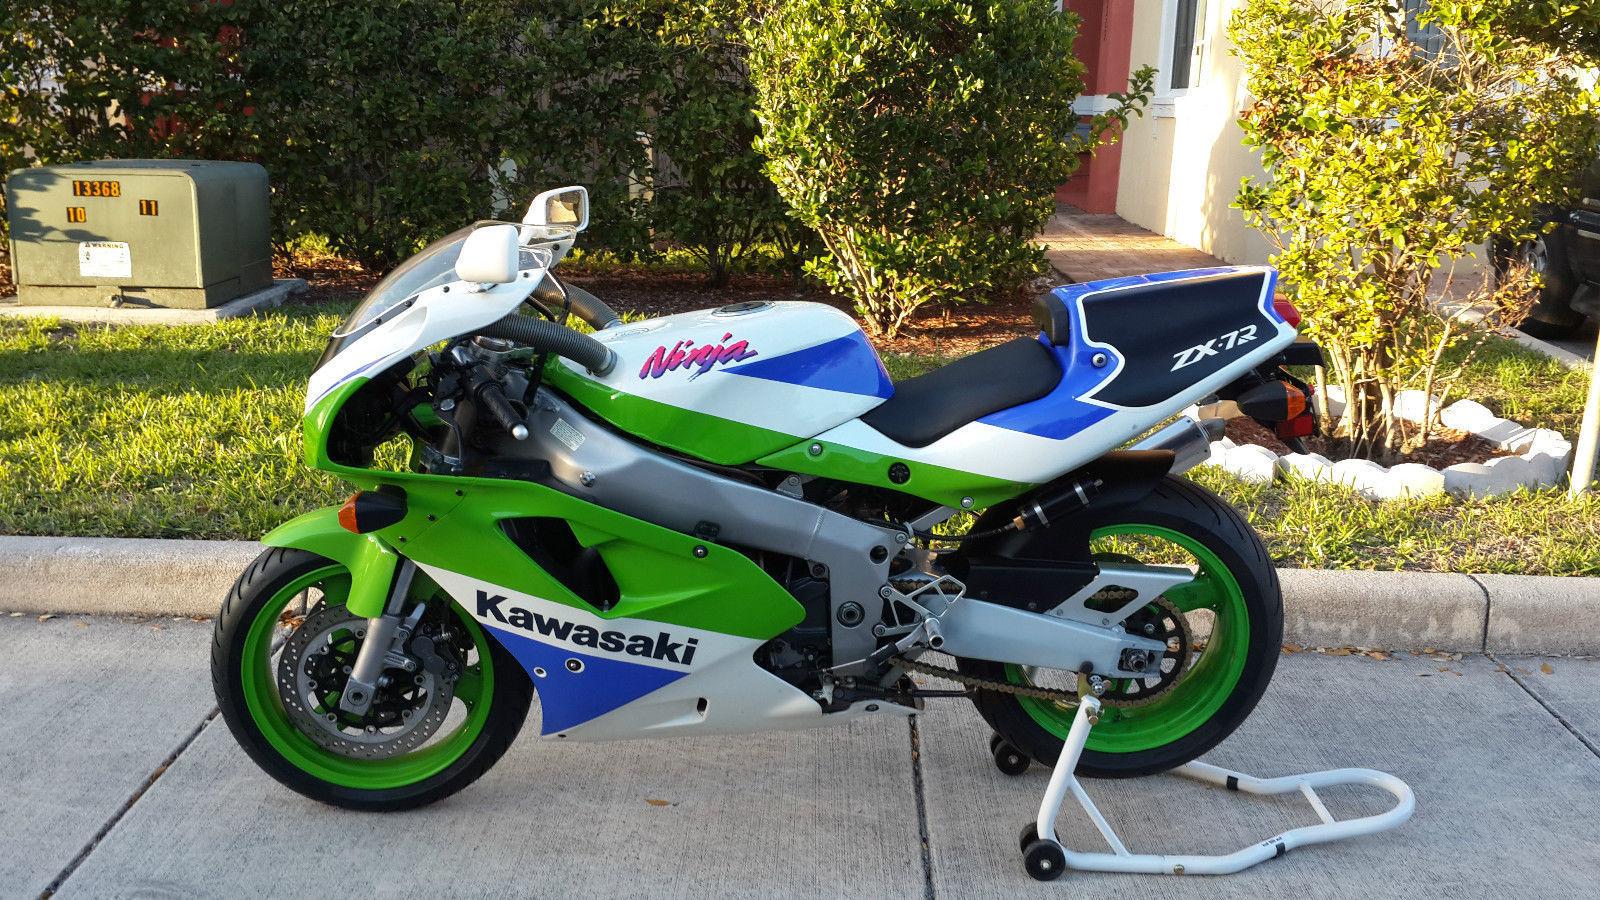 Kawasaki Ninja Zxr Exhaust Upgrade